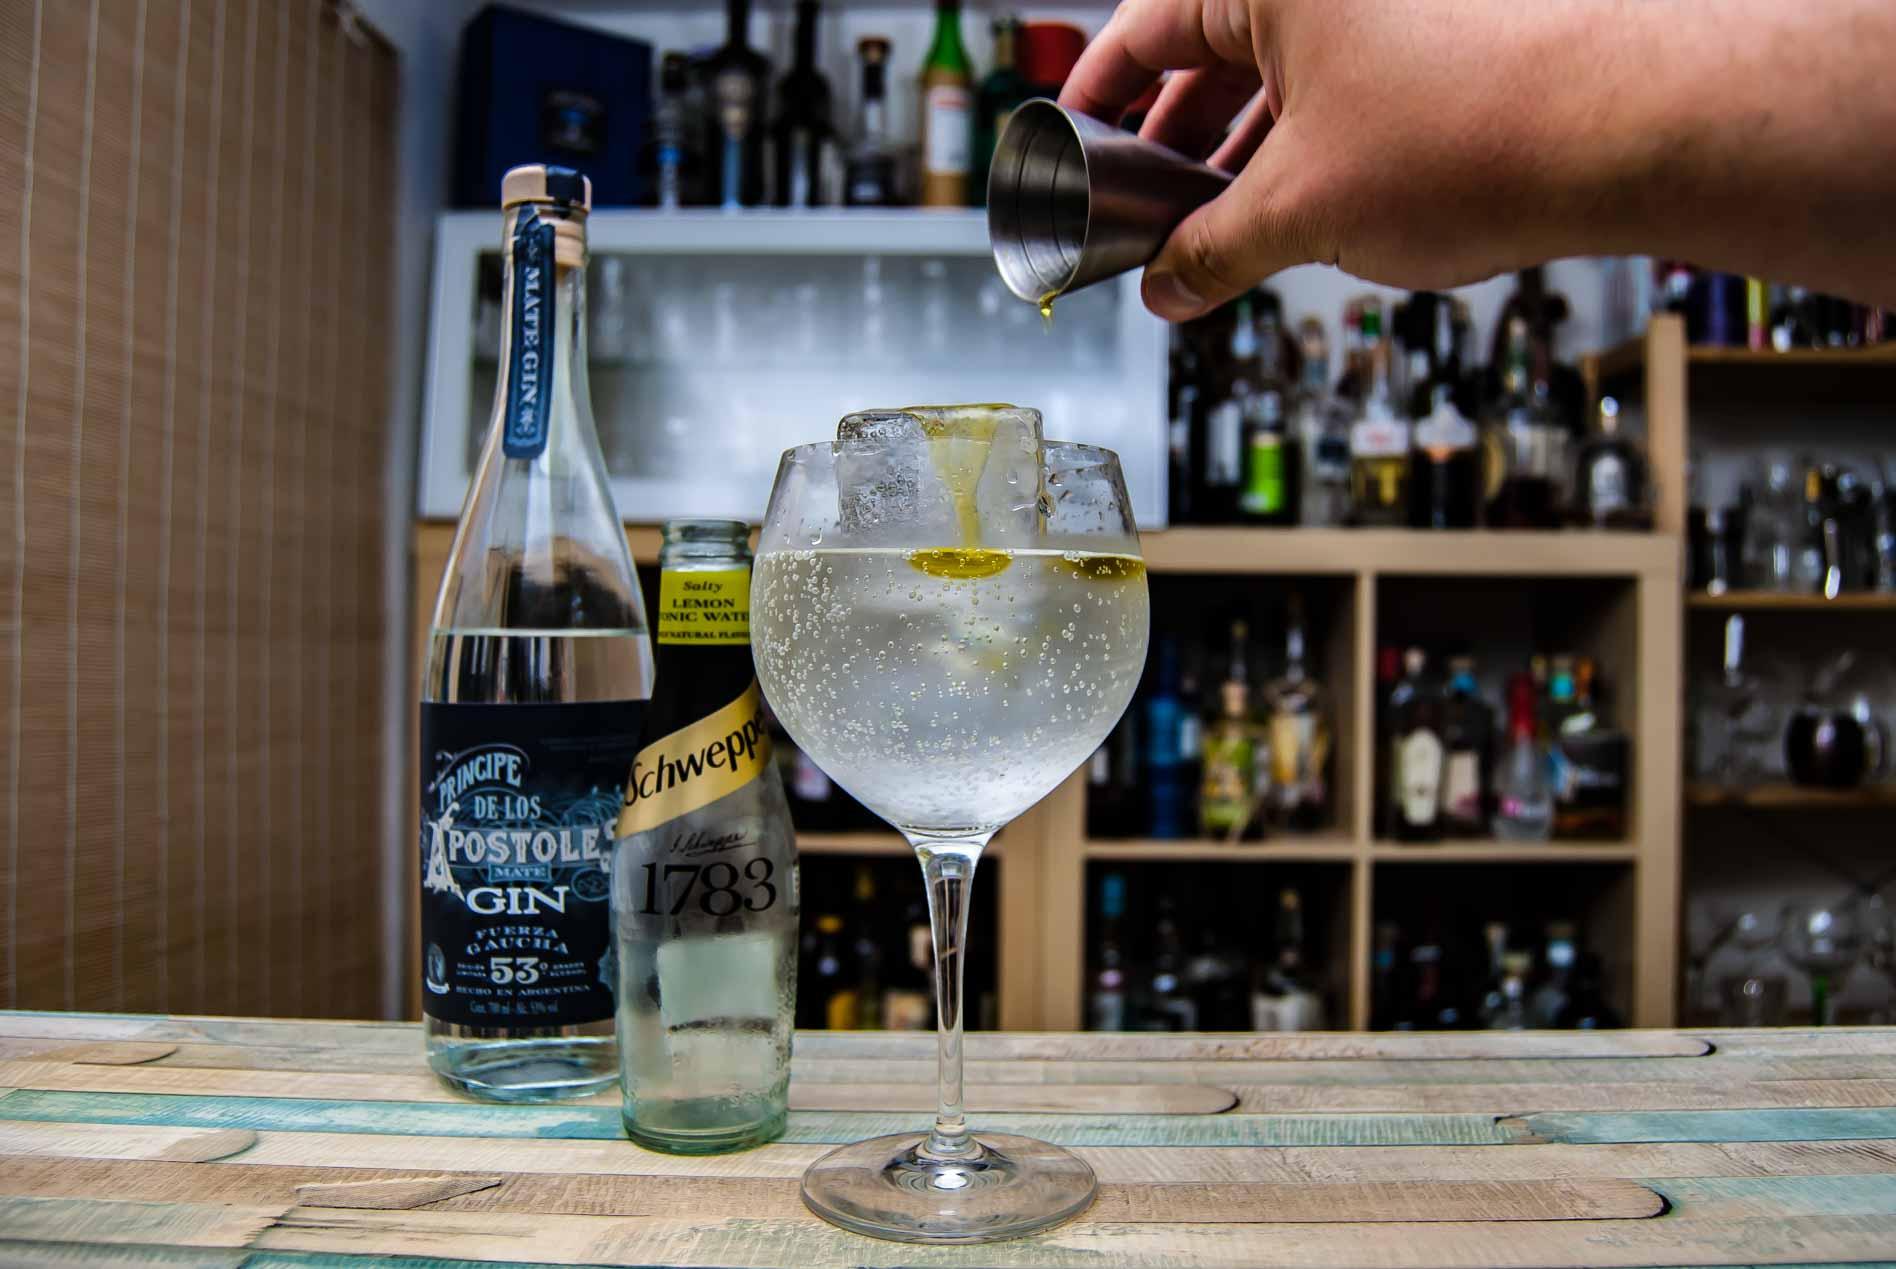 Príncipe de los Apóstoles Gin Fuerza Gaucha in einem Gin Tonic mit Schweppes Salty lemon und Olivenöl.